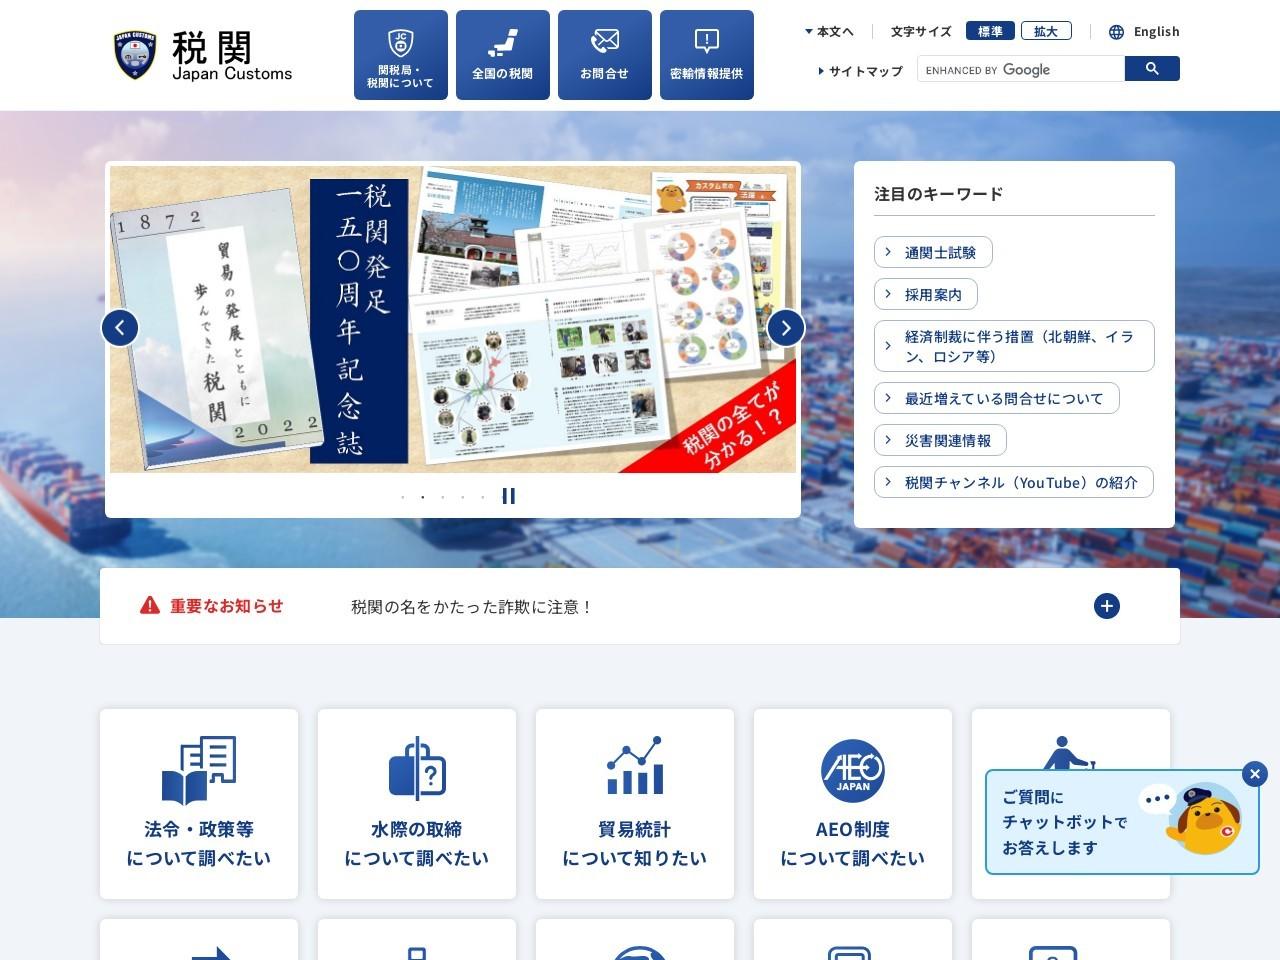 http://www.customs.go.jp/mizugiwa/xray/xray.htm